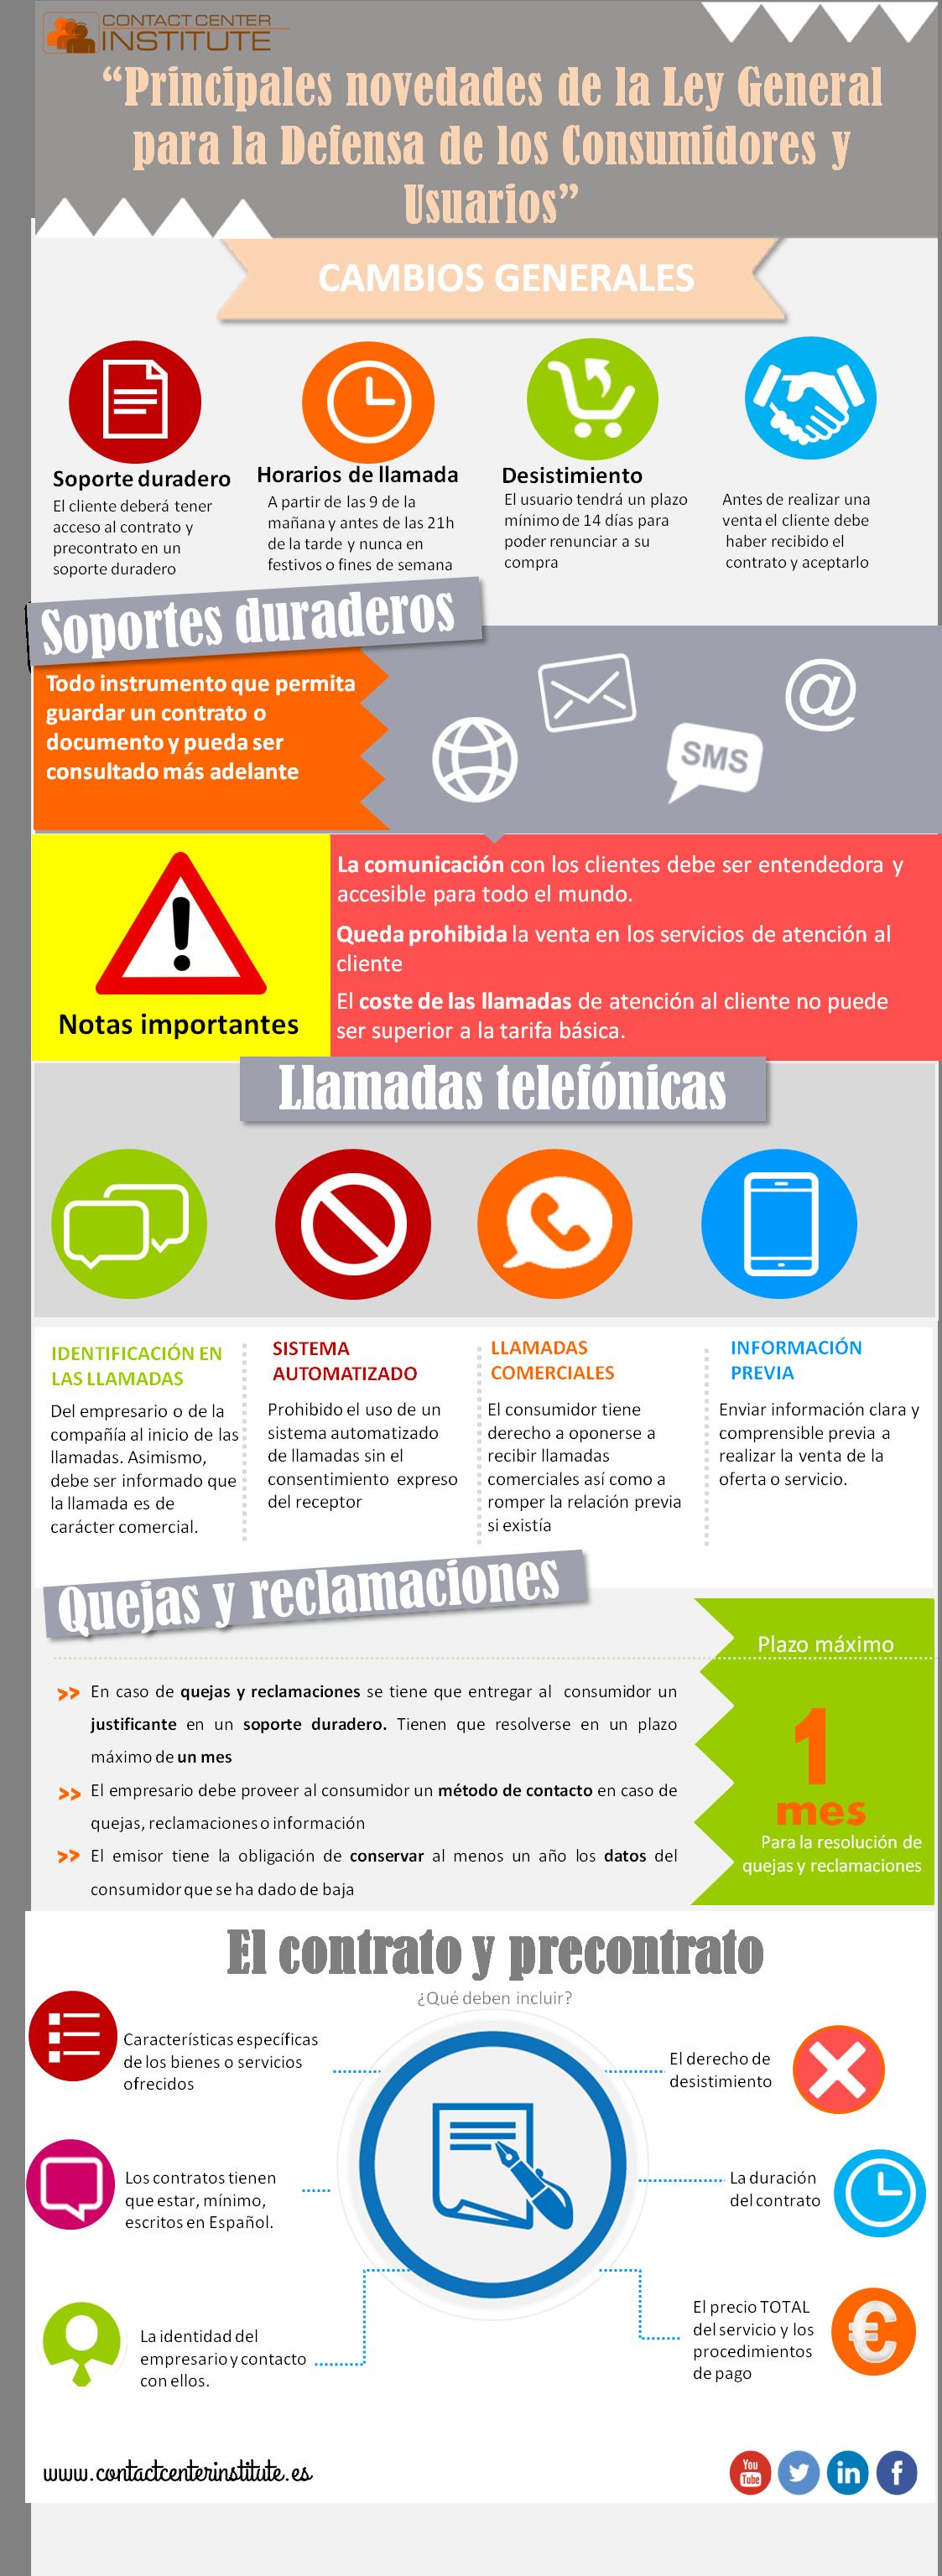 Infografía Clicc Ley General Defensa Consumidores Y Usuarios